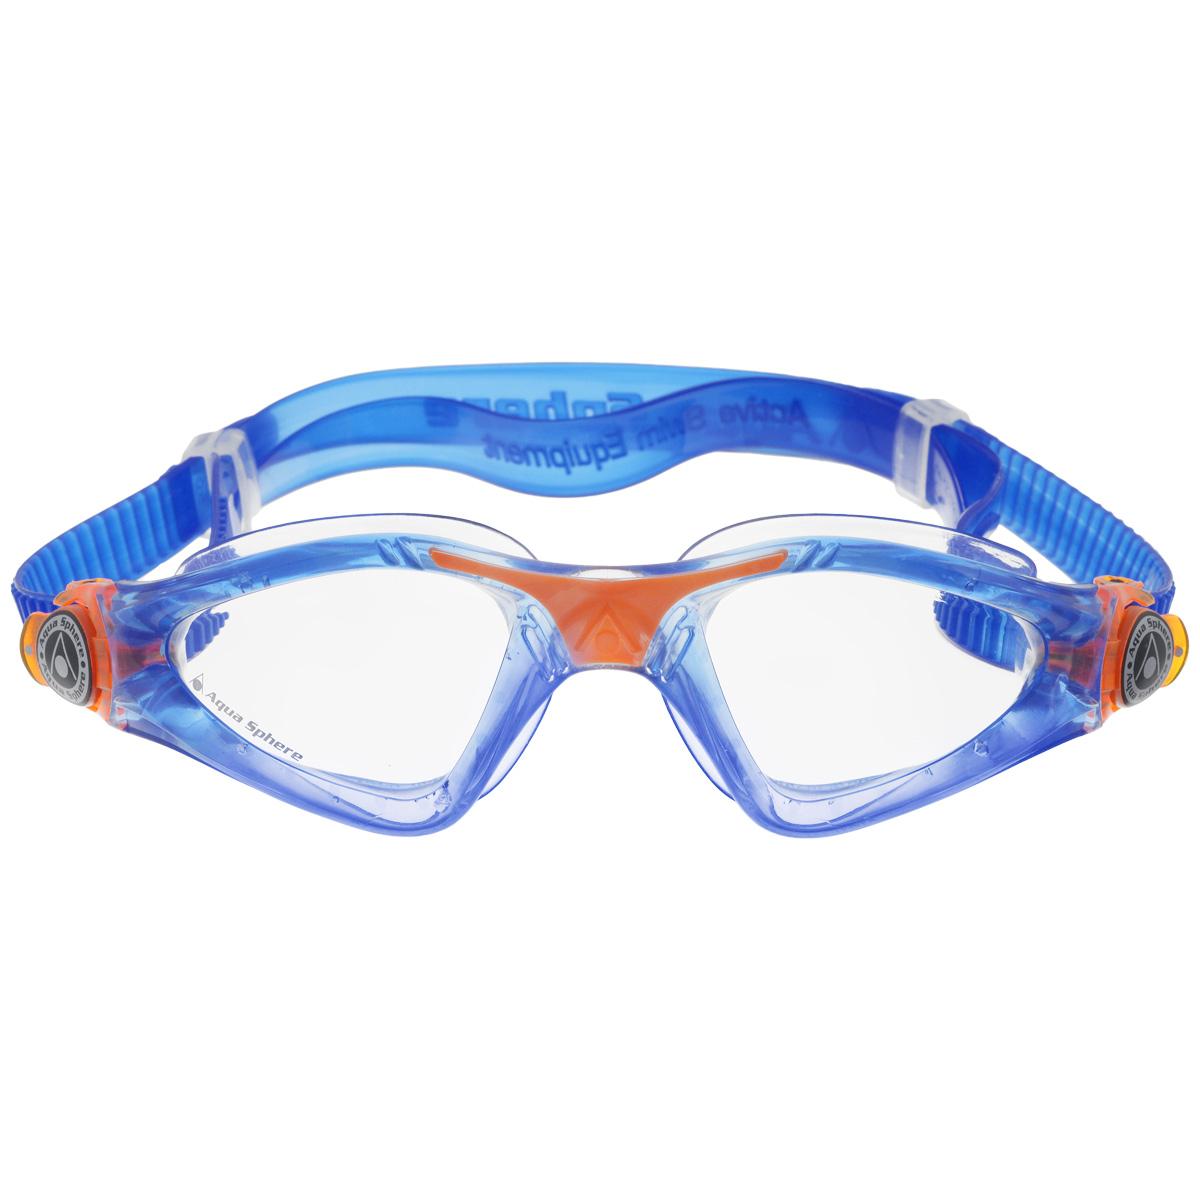 Очки для плавания Aqua Sphere Kayenne Junior, цвет: синий, оранжевый27737649Детские очки для плавания Aqua Sphere Kayenne Junior идеально подходят для плавания в бассейне или открытой воде. Оснащены линзами с антизапотевающим покрытием, которые устойчивы к появлению царапин. Мягкий комфортный обтюратор плотно прилегает к лицу.Запатентованные изогнутые линзы дают прекрасный обзор на 180° - без искажений. Рамка имеет гидродинамическую форму. Очки оснащены удобными быстрорегулируемыми пряжками.Детский вариант популярных очков для плавания Kayenne, сохраняет все лучшее от взрослой модели:Мягкую не травмирующую обтюрацию.Увеличенную линзу.Удобную регулировку ремешков.Расцветка и дизайн обязательно понравятся вашему ребенку!Материал: софтерил, plexisol.